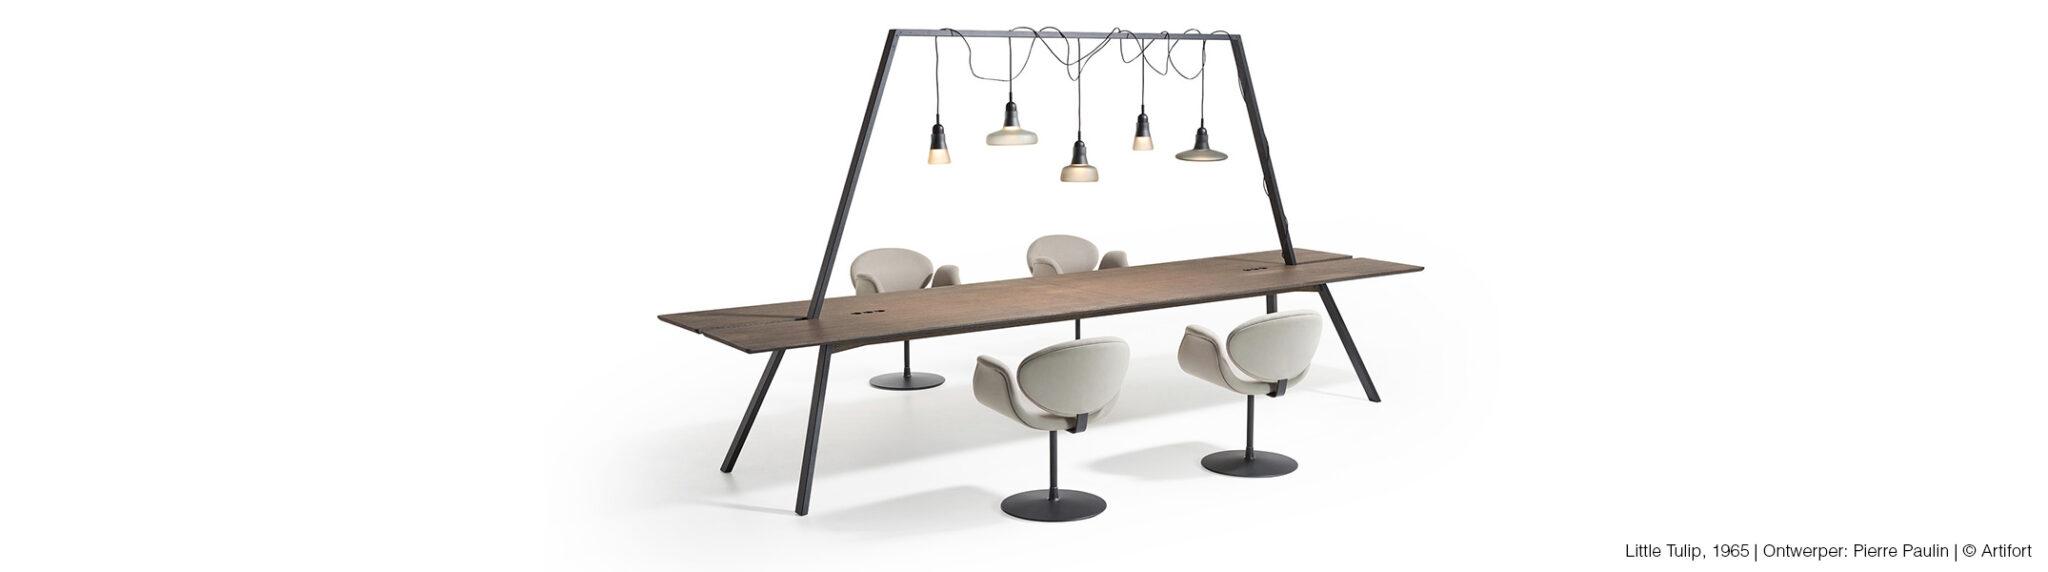 Lande kantoormeubelen Den Haag tafel heering Office